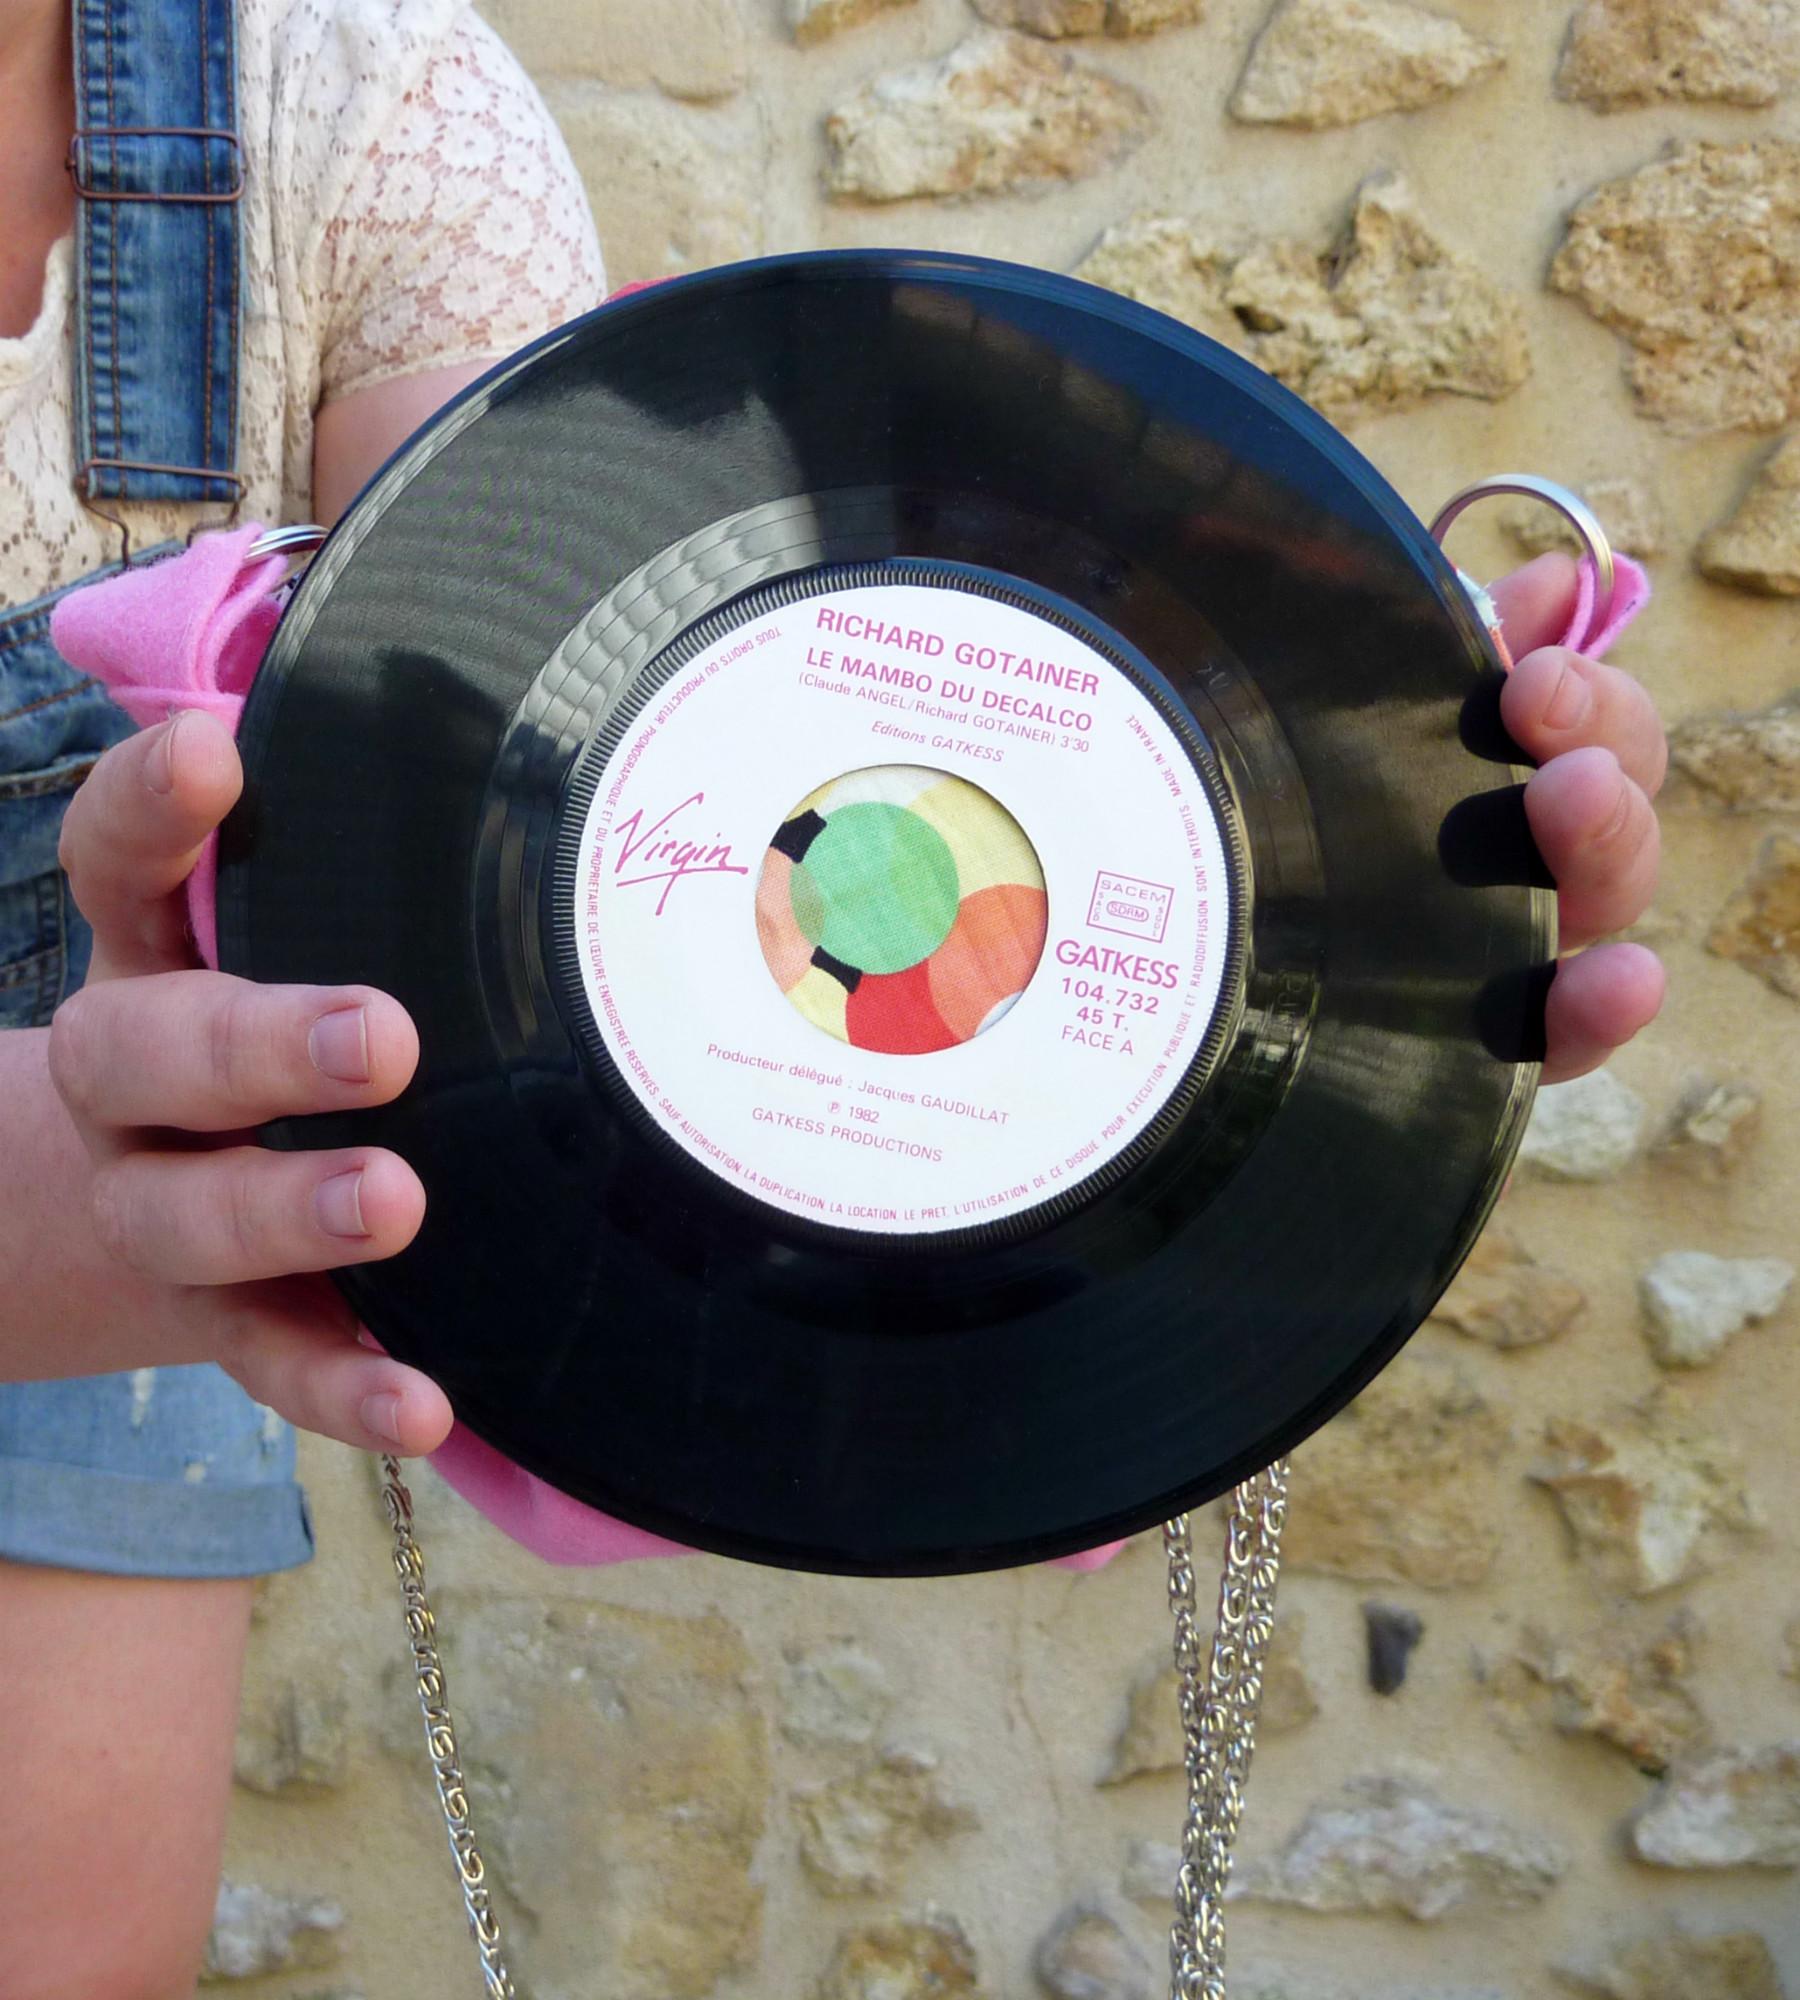 Le sac en disques vinyles wool ma poule - Deco avec disque vinyl ...